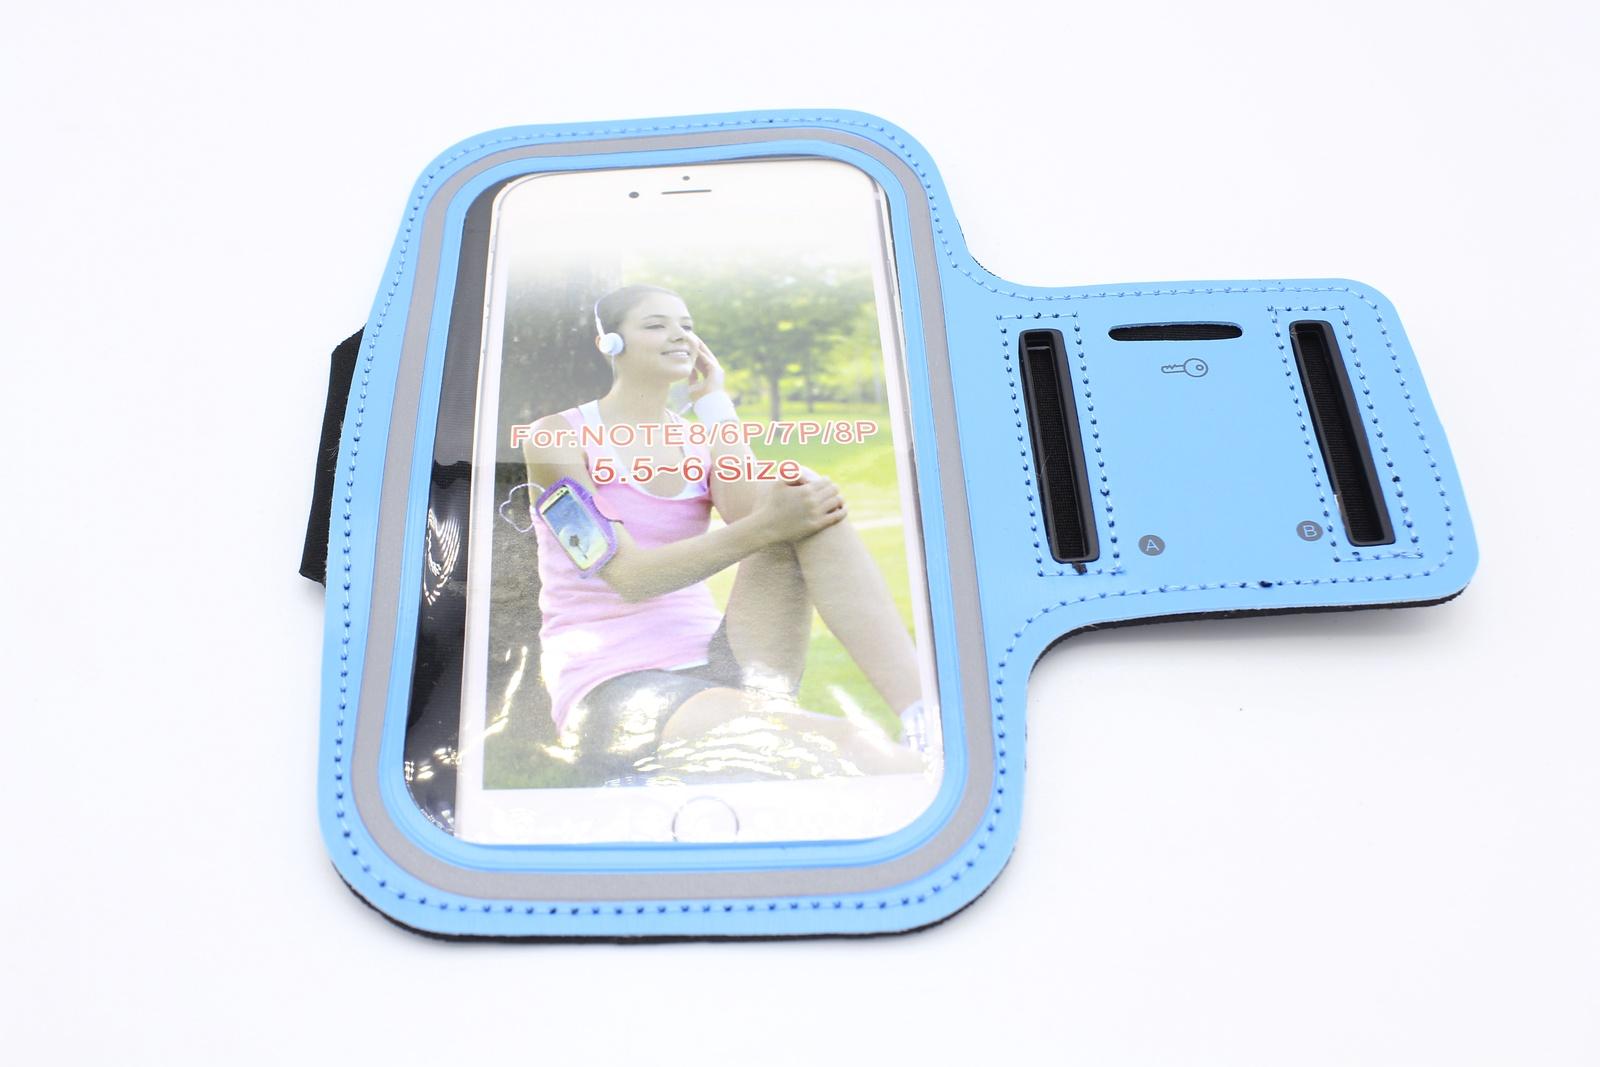 Чехол для Смартфона крепление на руку липучка, голубой водонепроницаемый чехол для смартфона на велосипеде